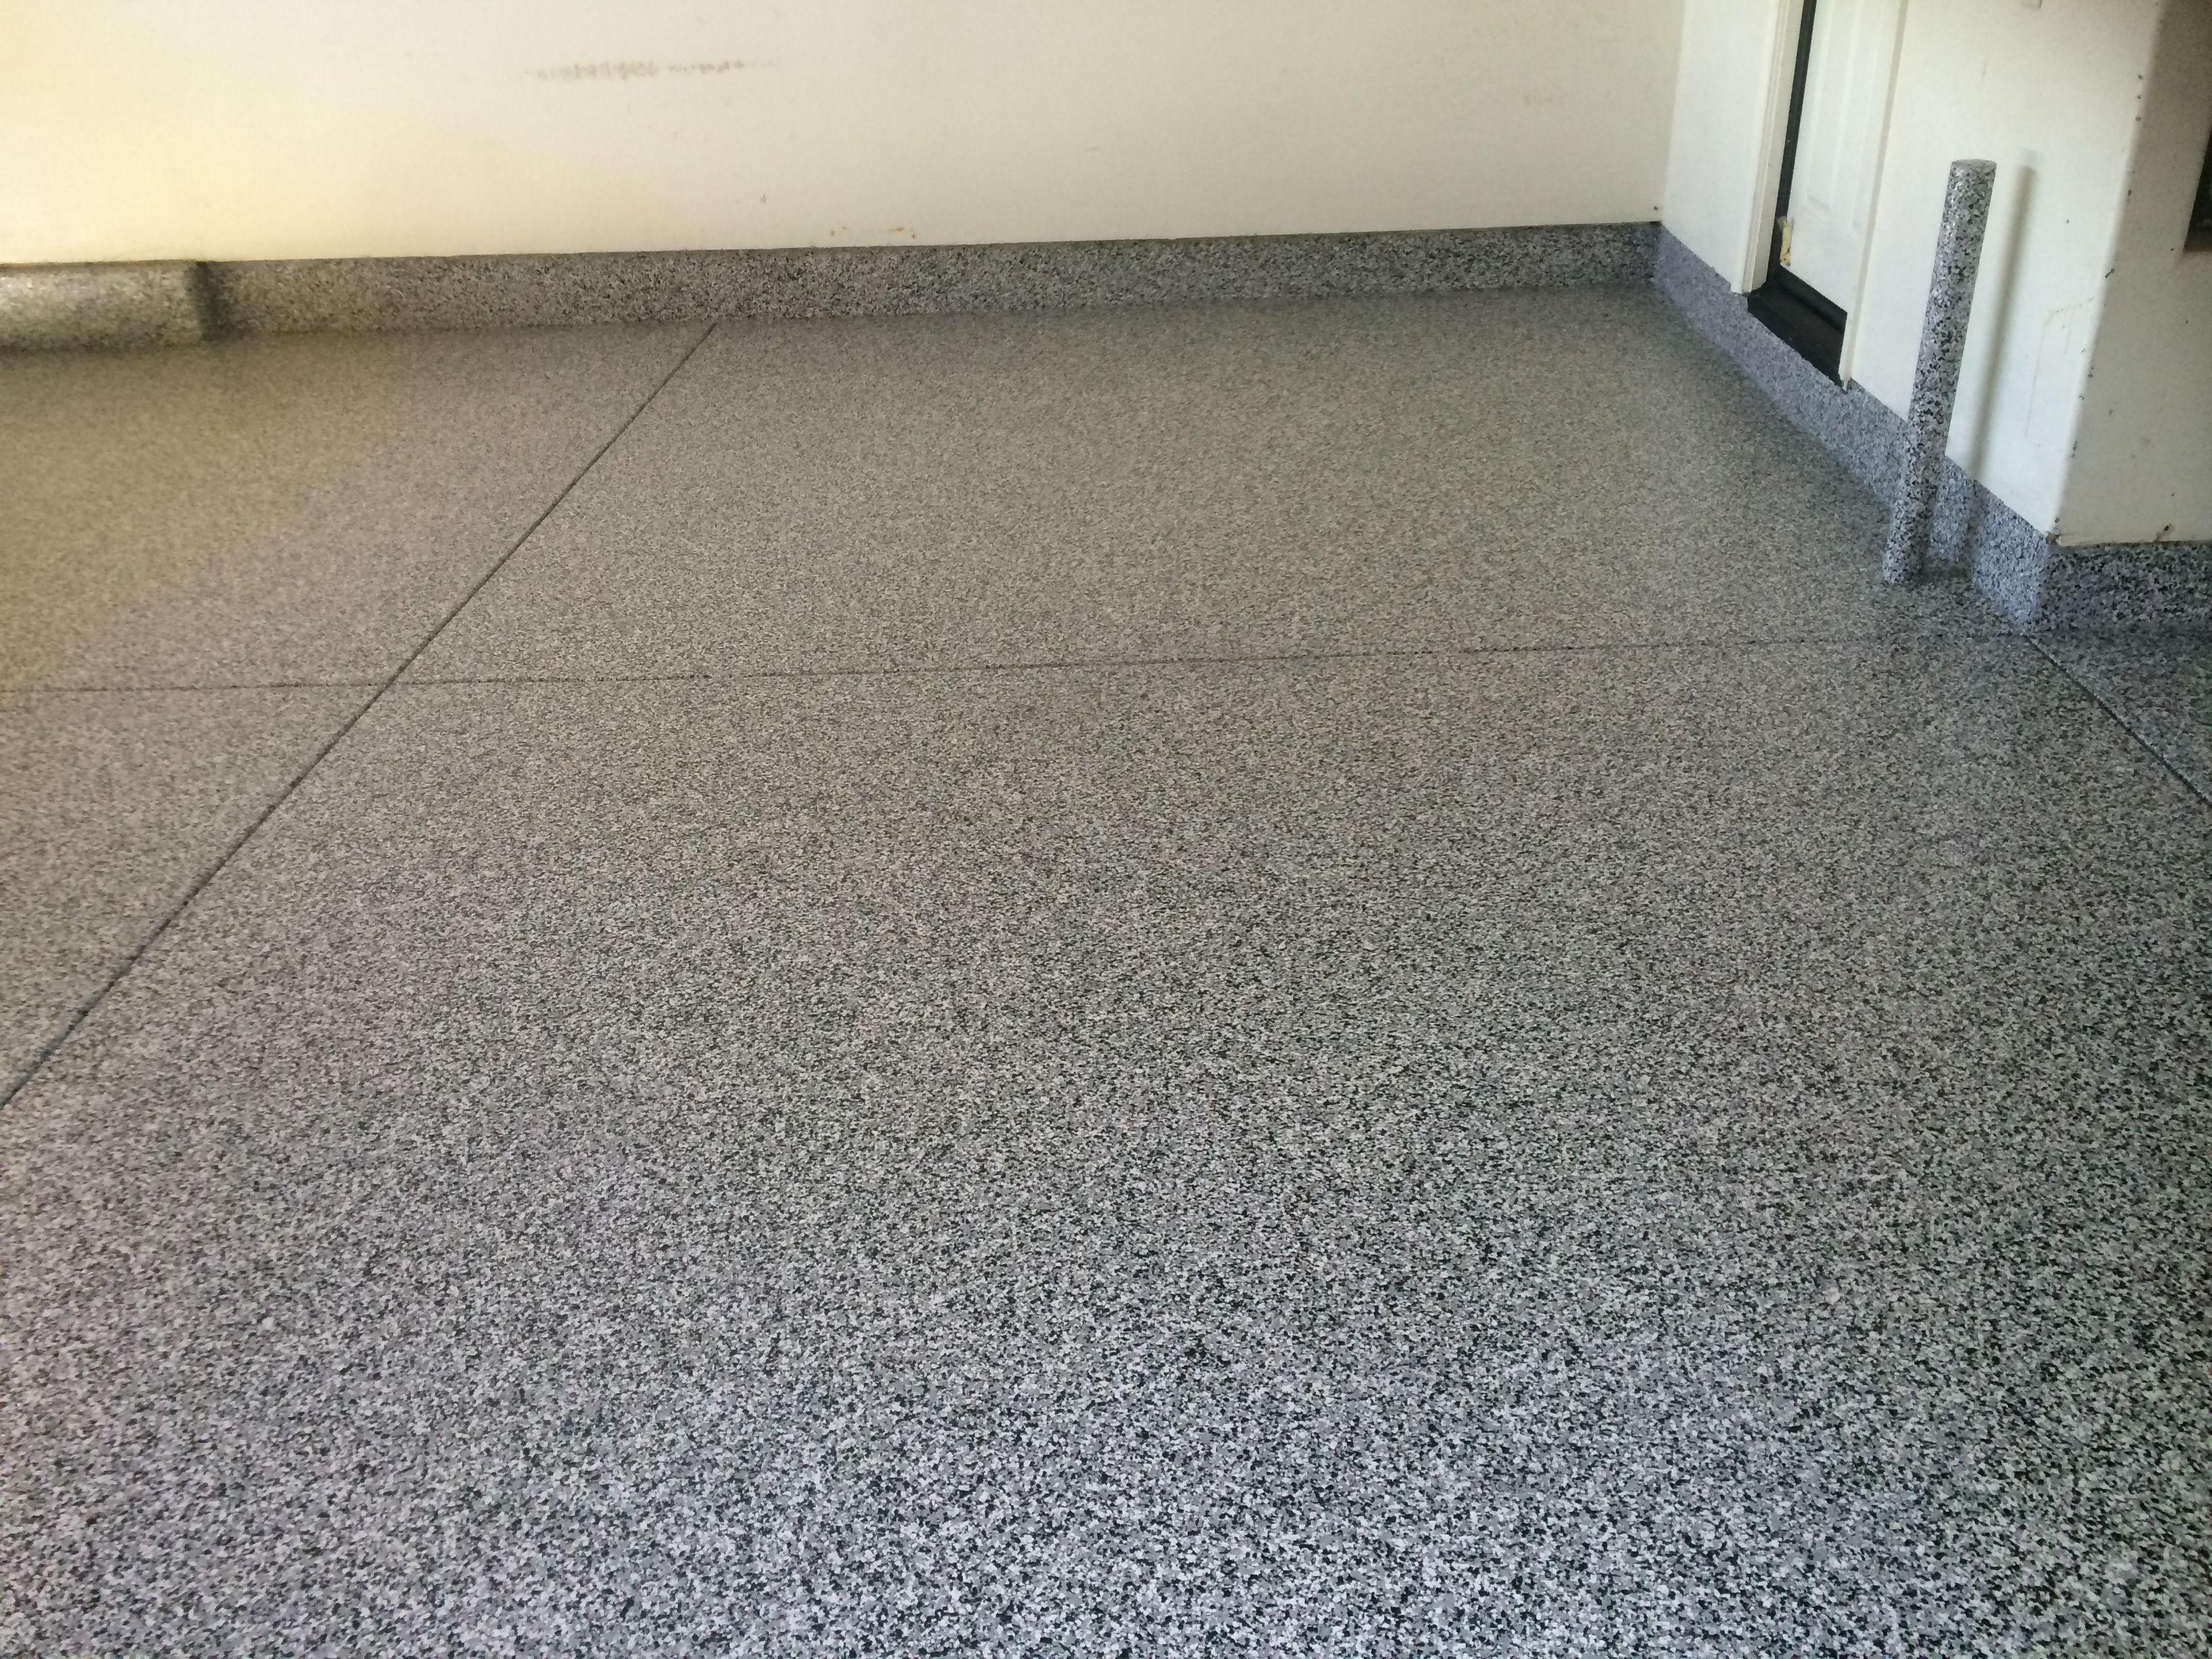 Tuxedo Vinyl Chips Garage Floor Epoxy Coating